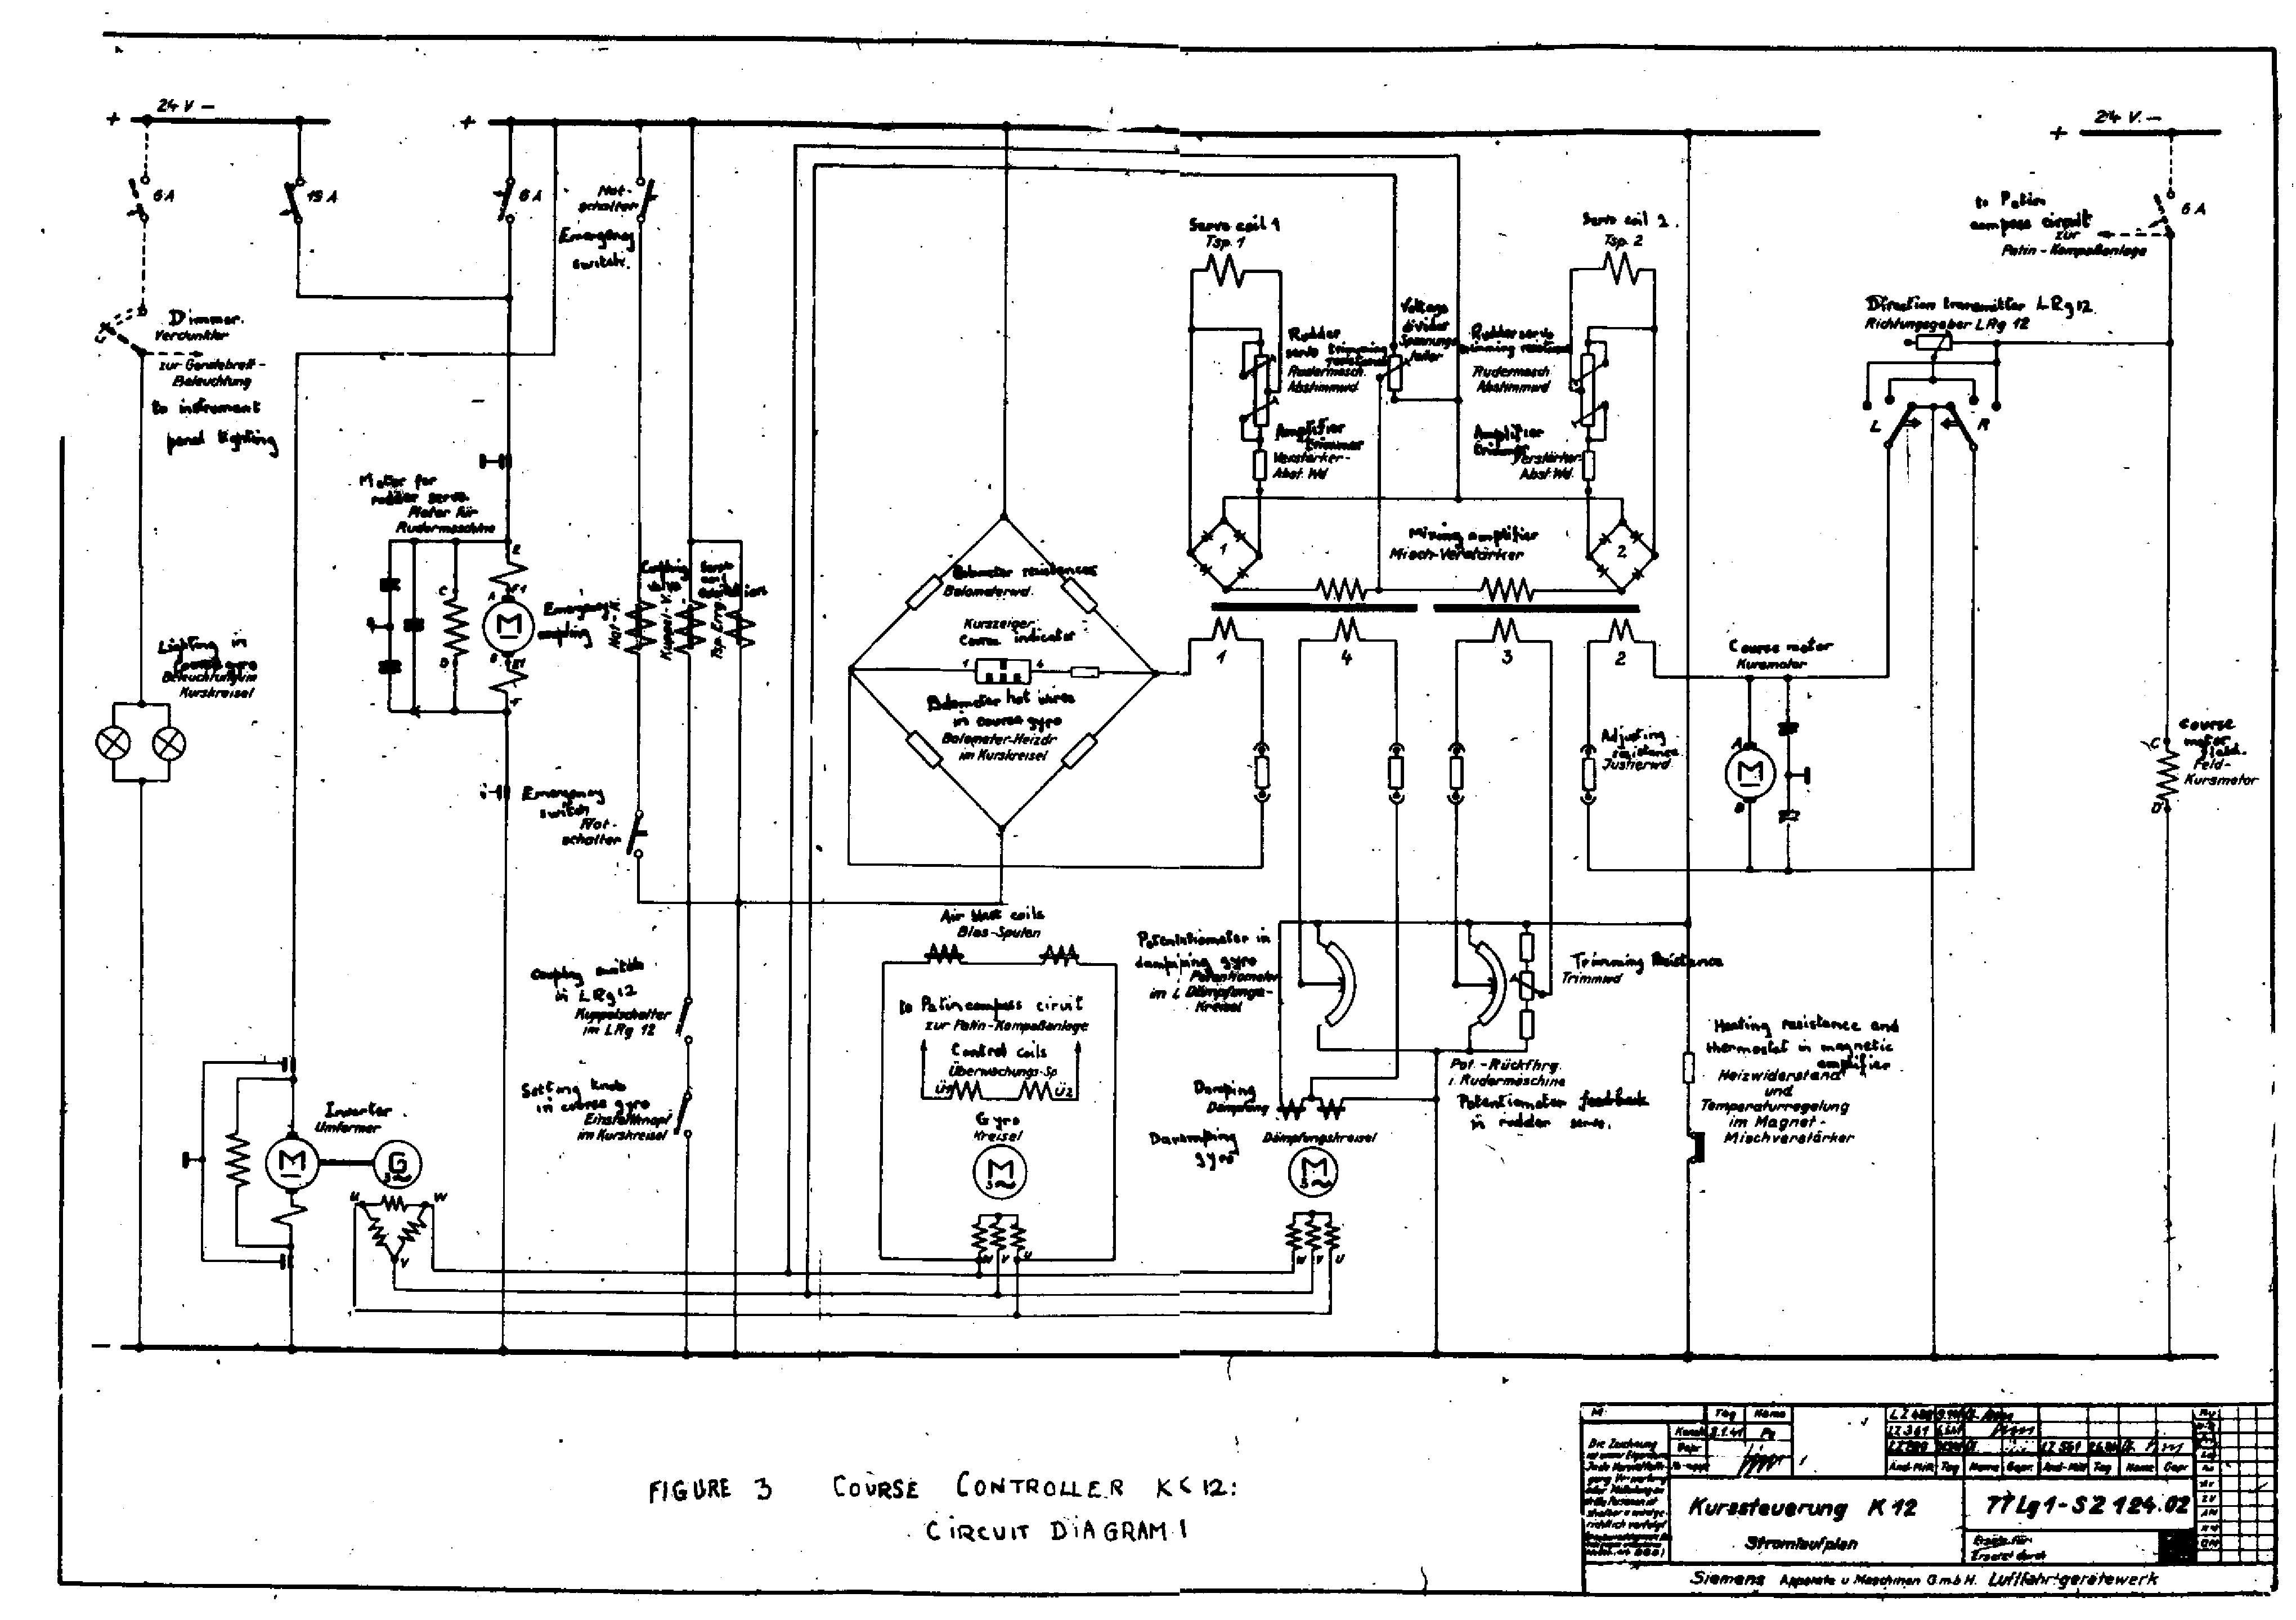 Siemens 14cu+32a Wiring Diagram